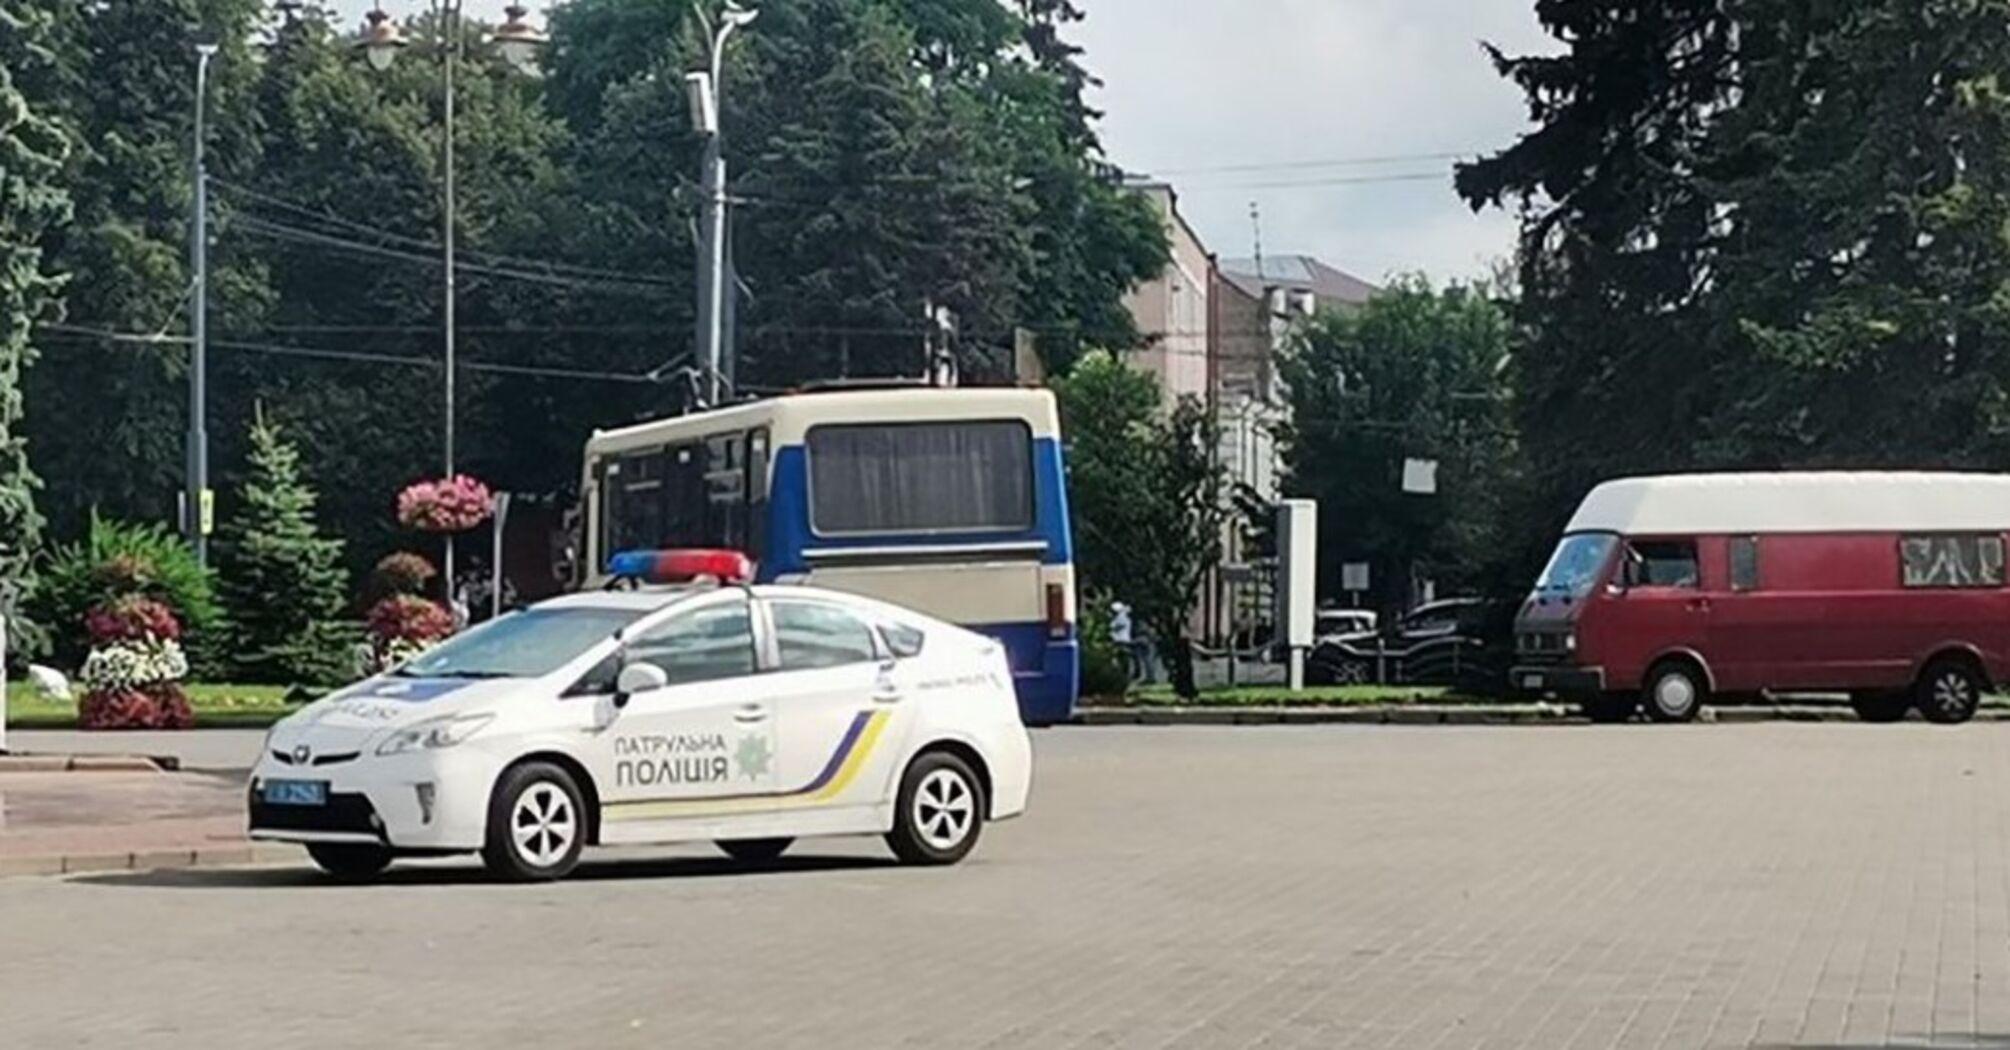 Луцький терорист утримує в автобусі дітей та жінок